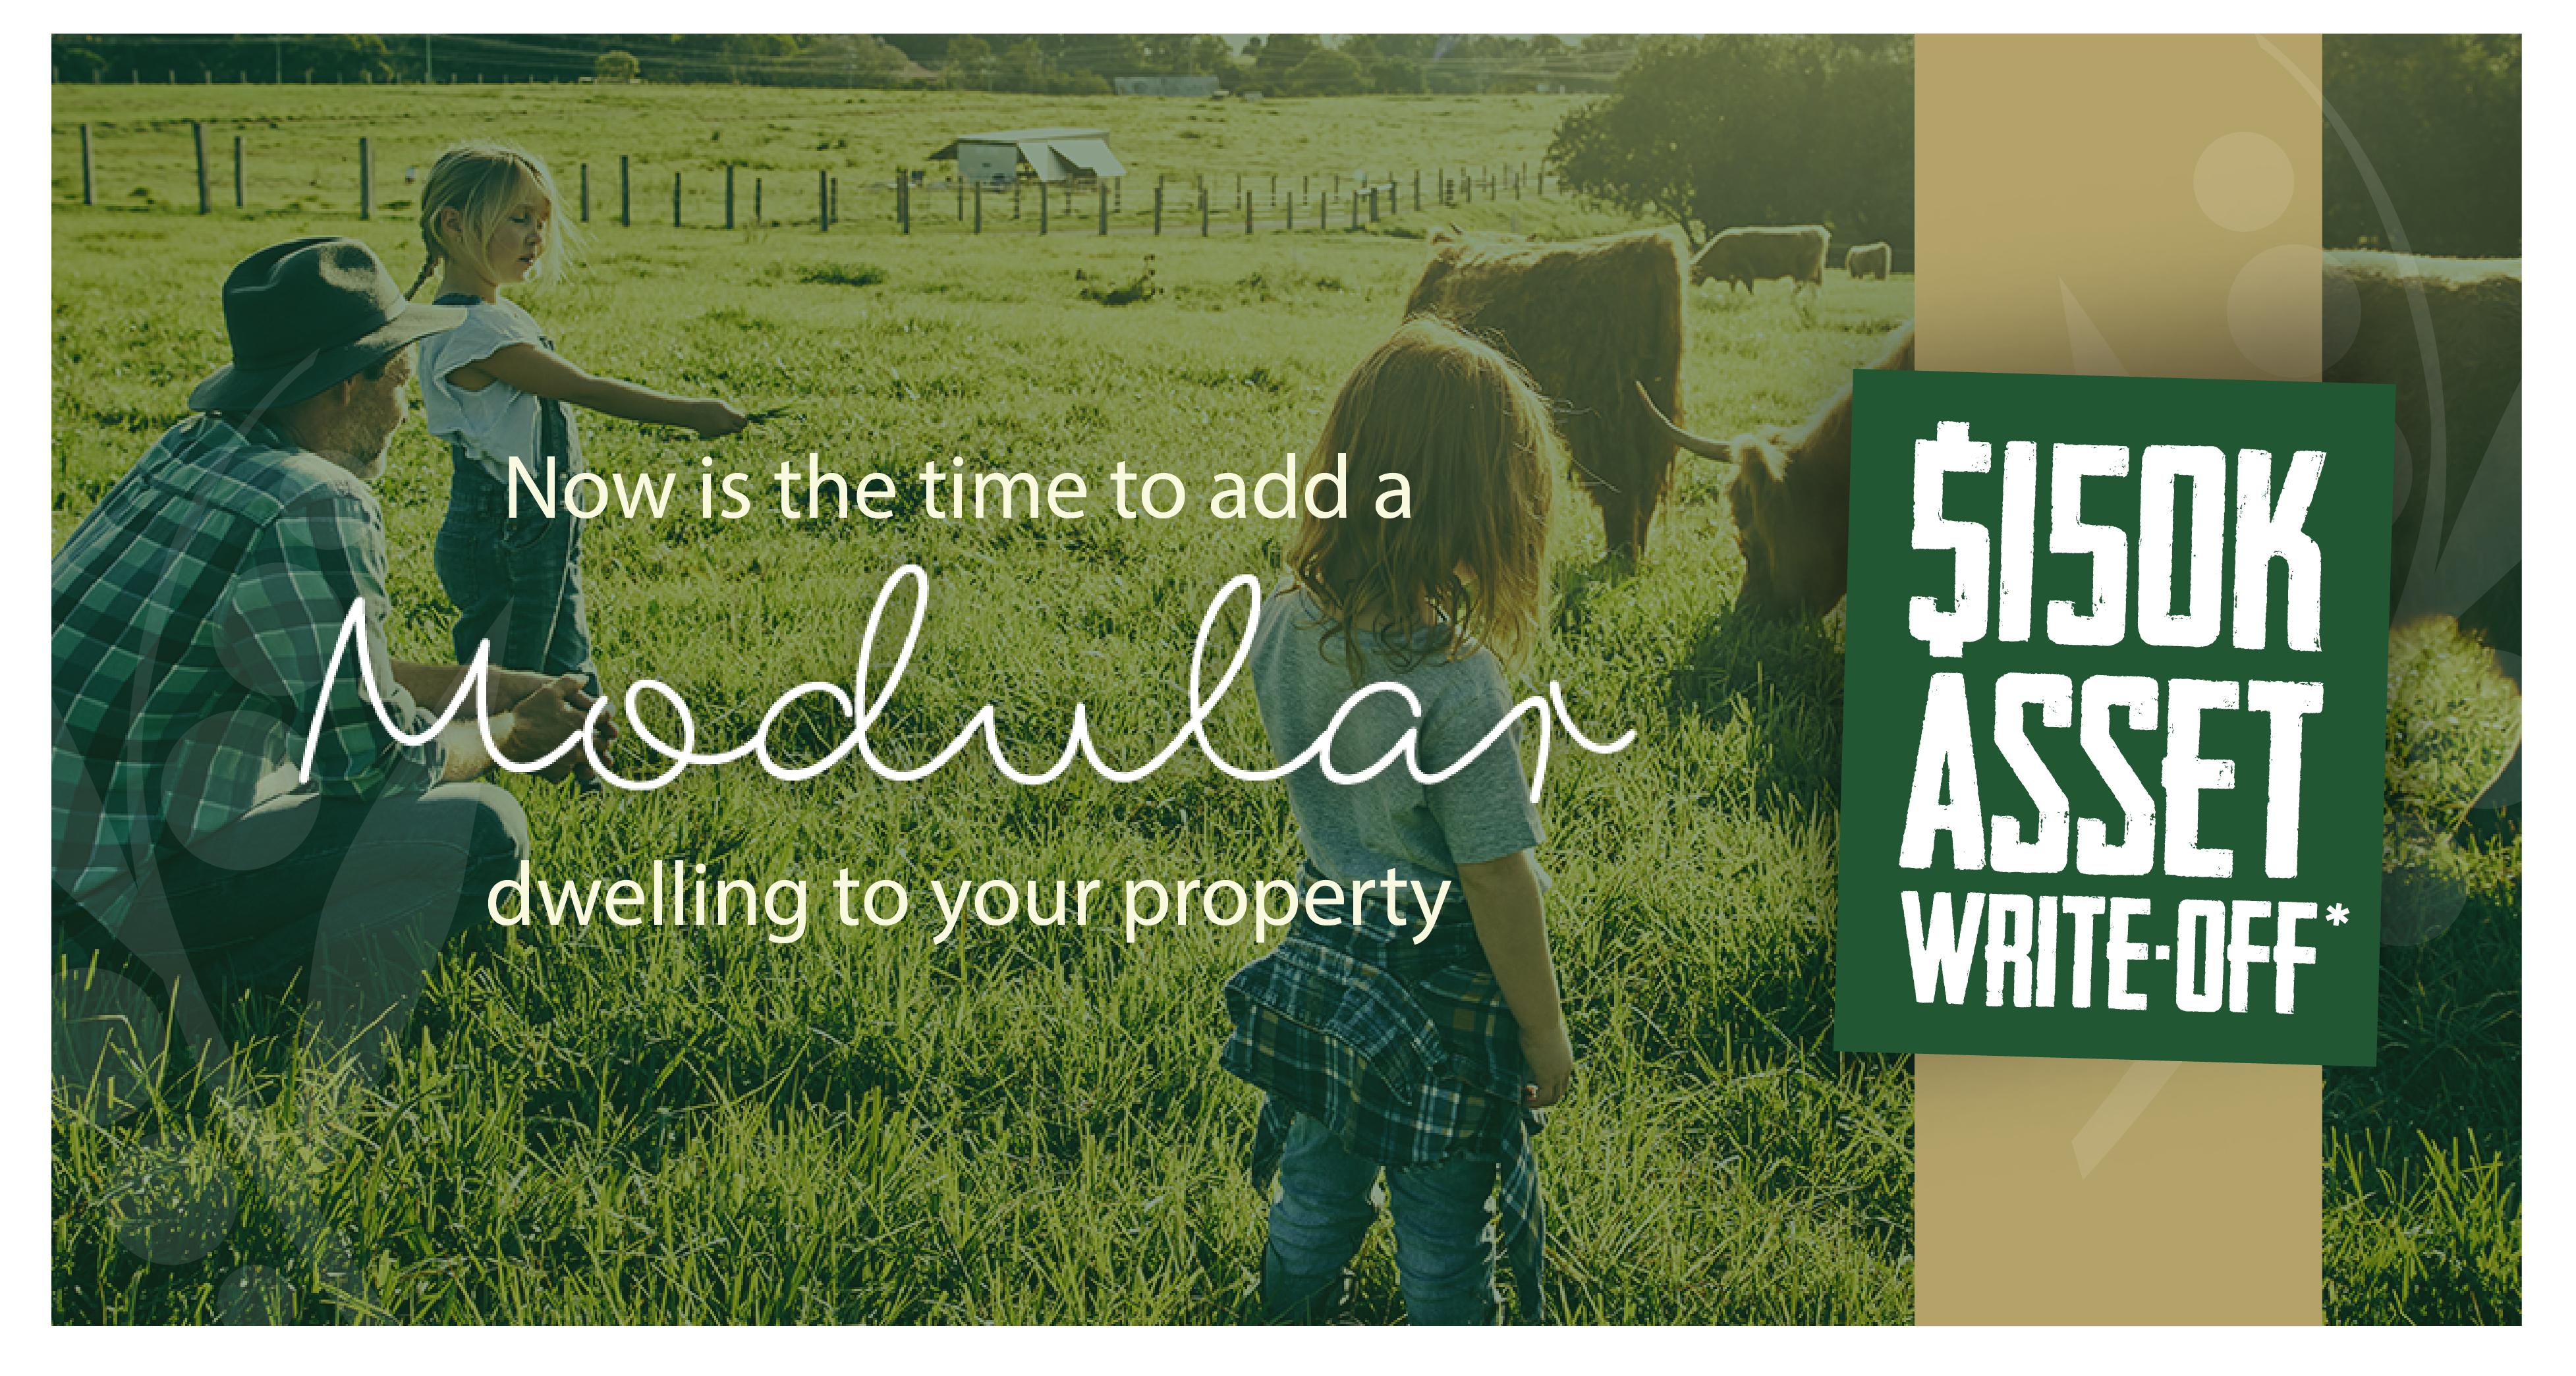 $150k asset write-off modular home